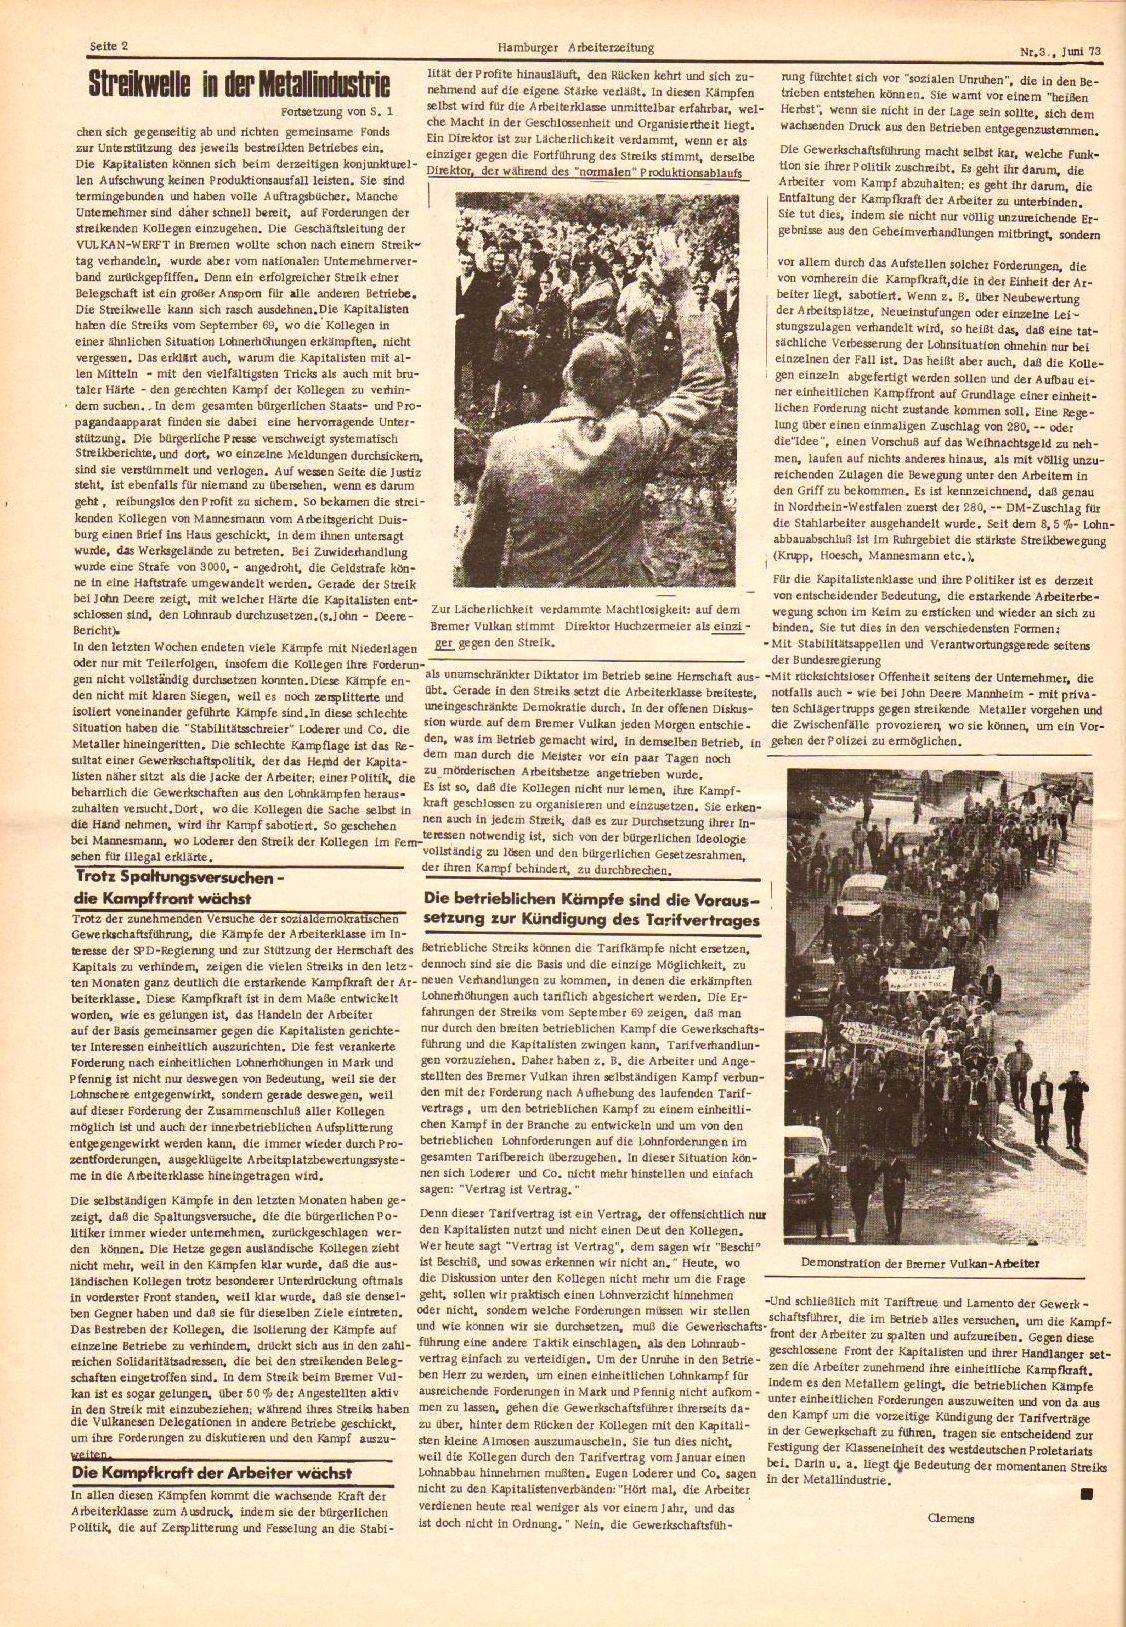 Hamburger_Arbeiterzeitung050